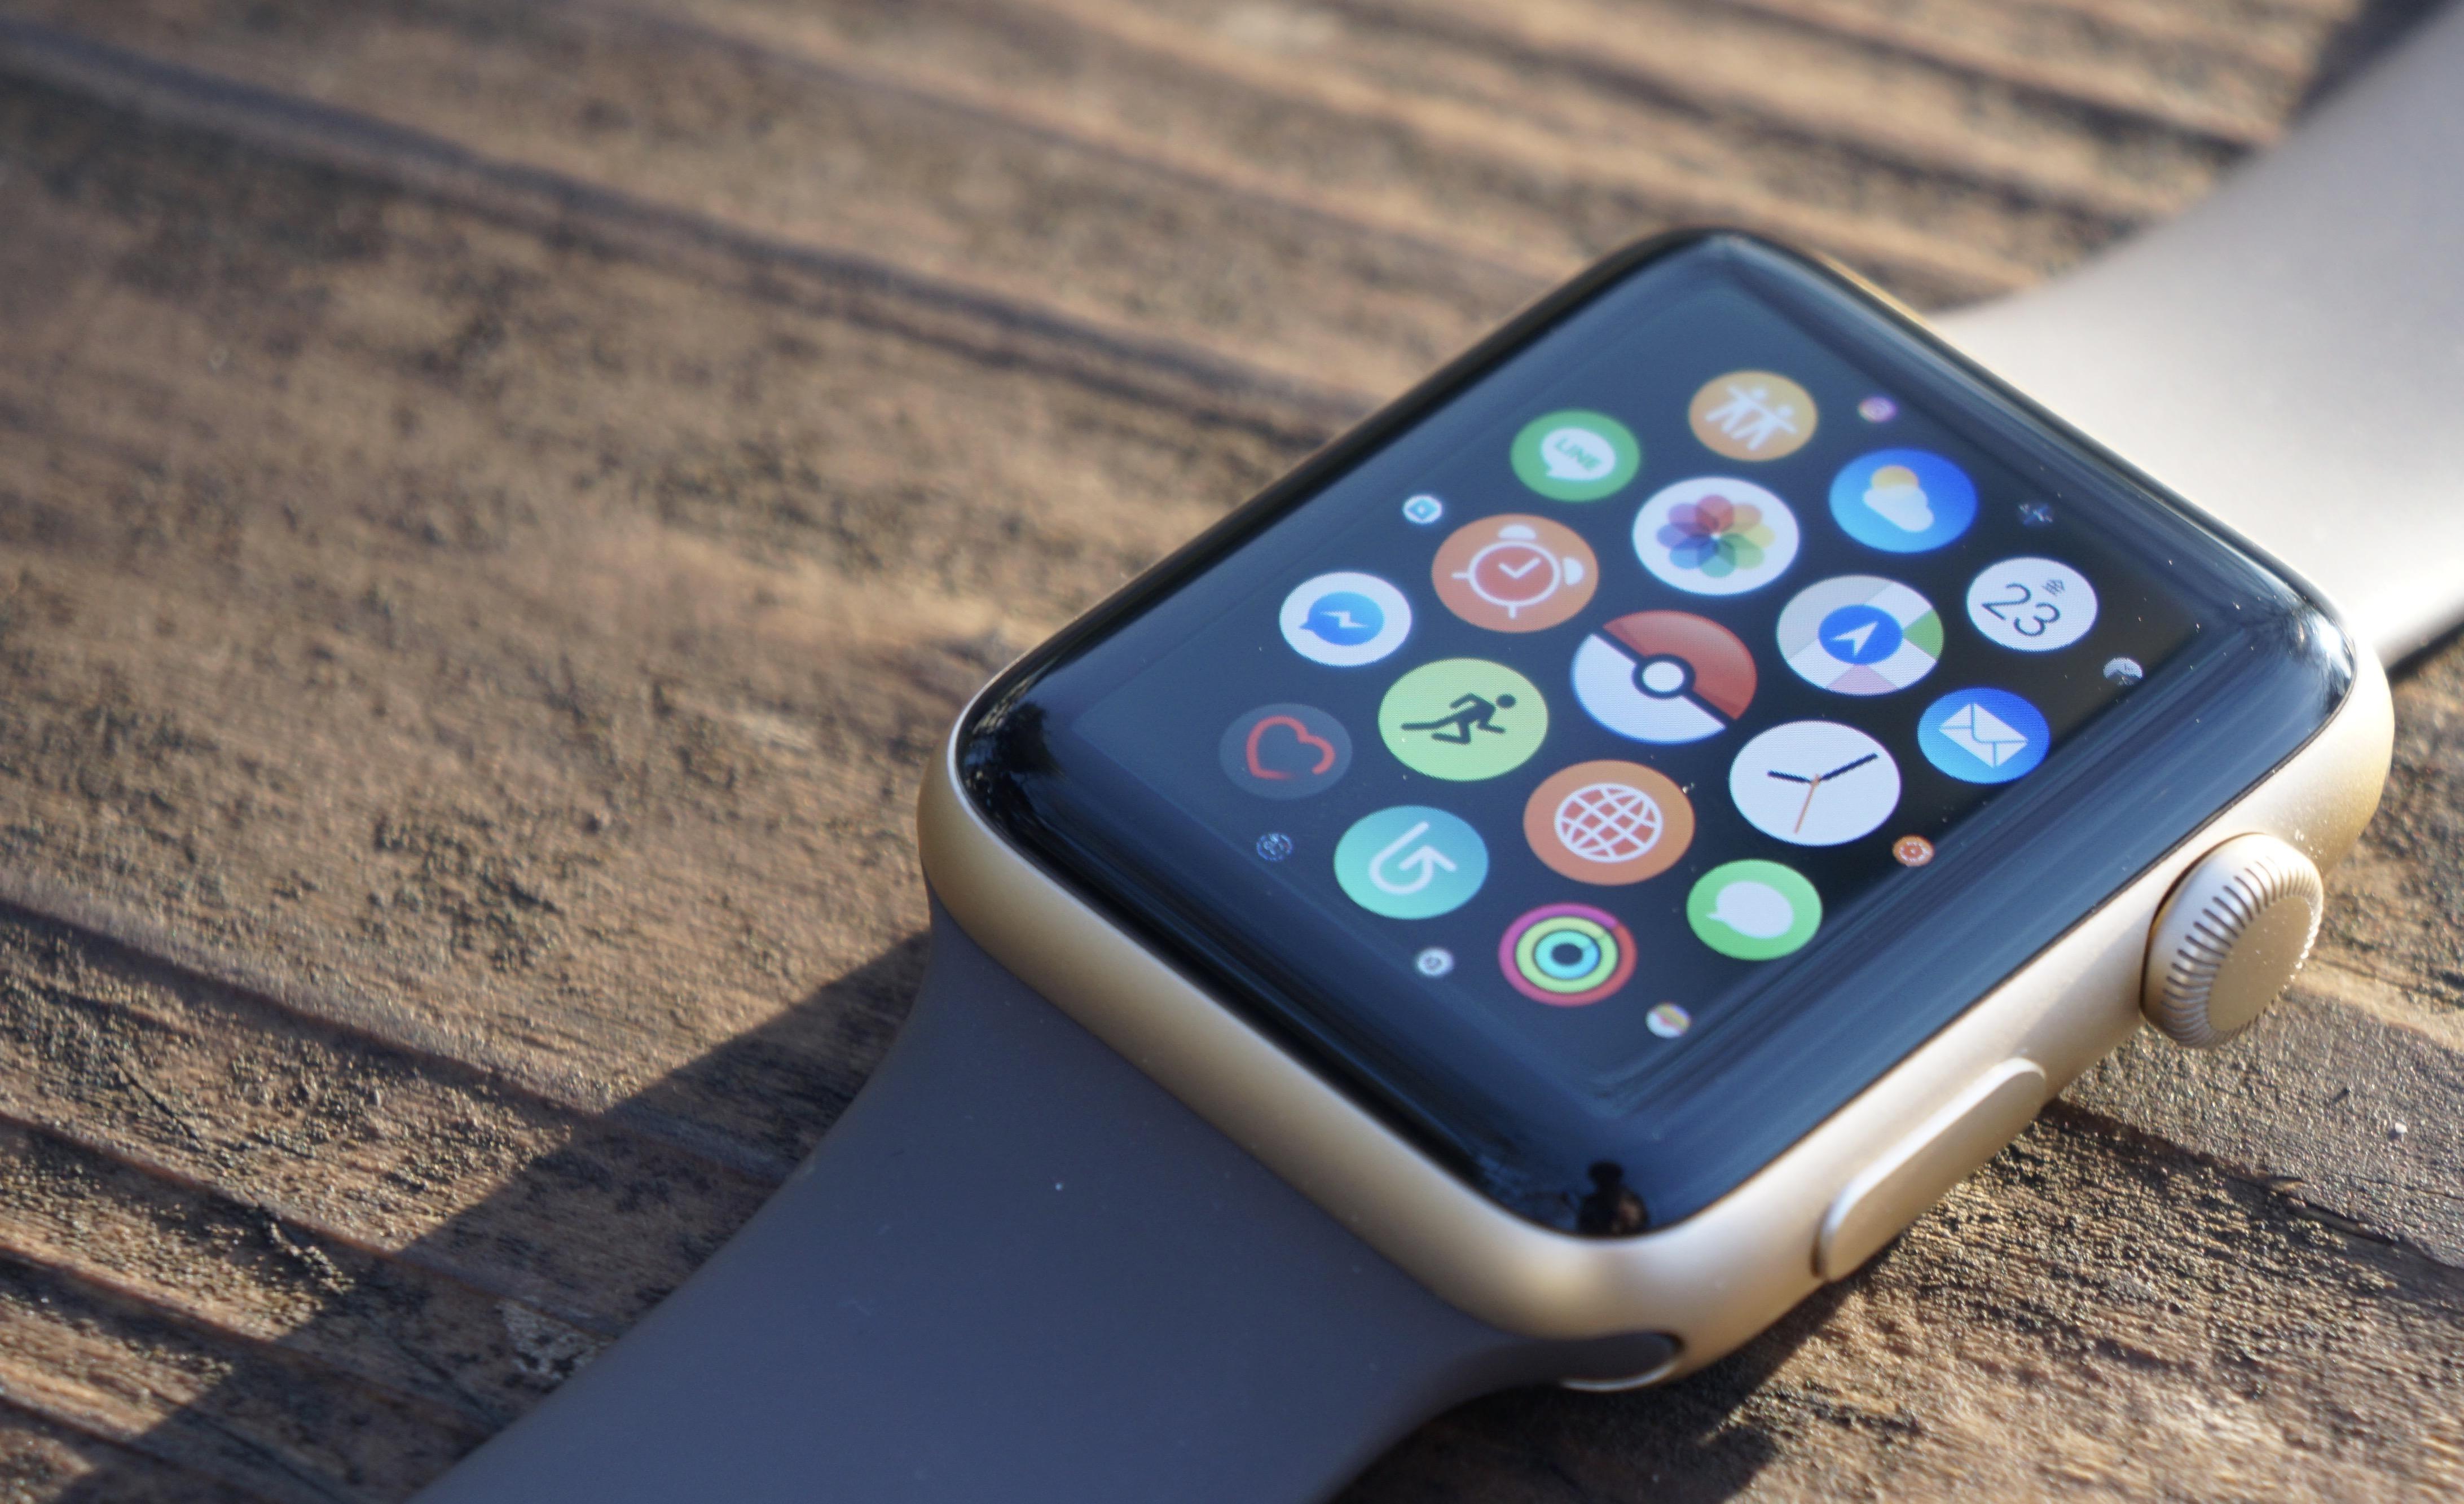 Apple Watch版ポケモンGOの使い方〜通知が来ない/文字盤に追加/セッション開始